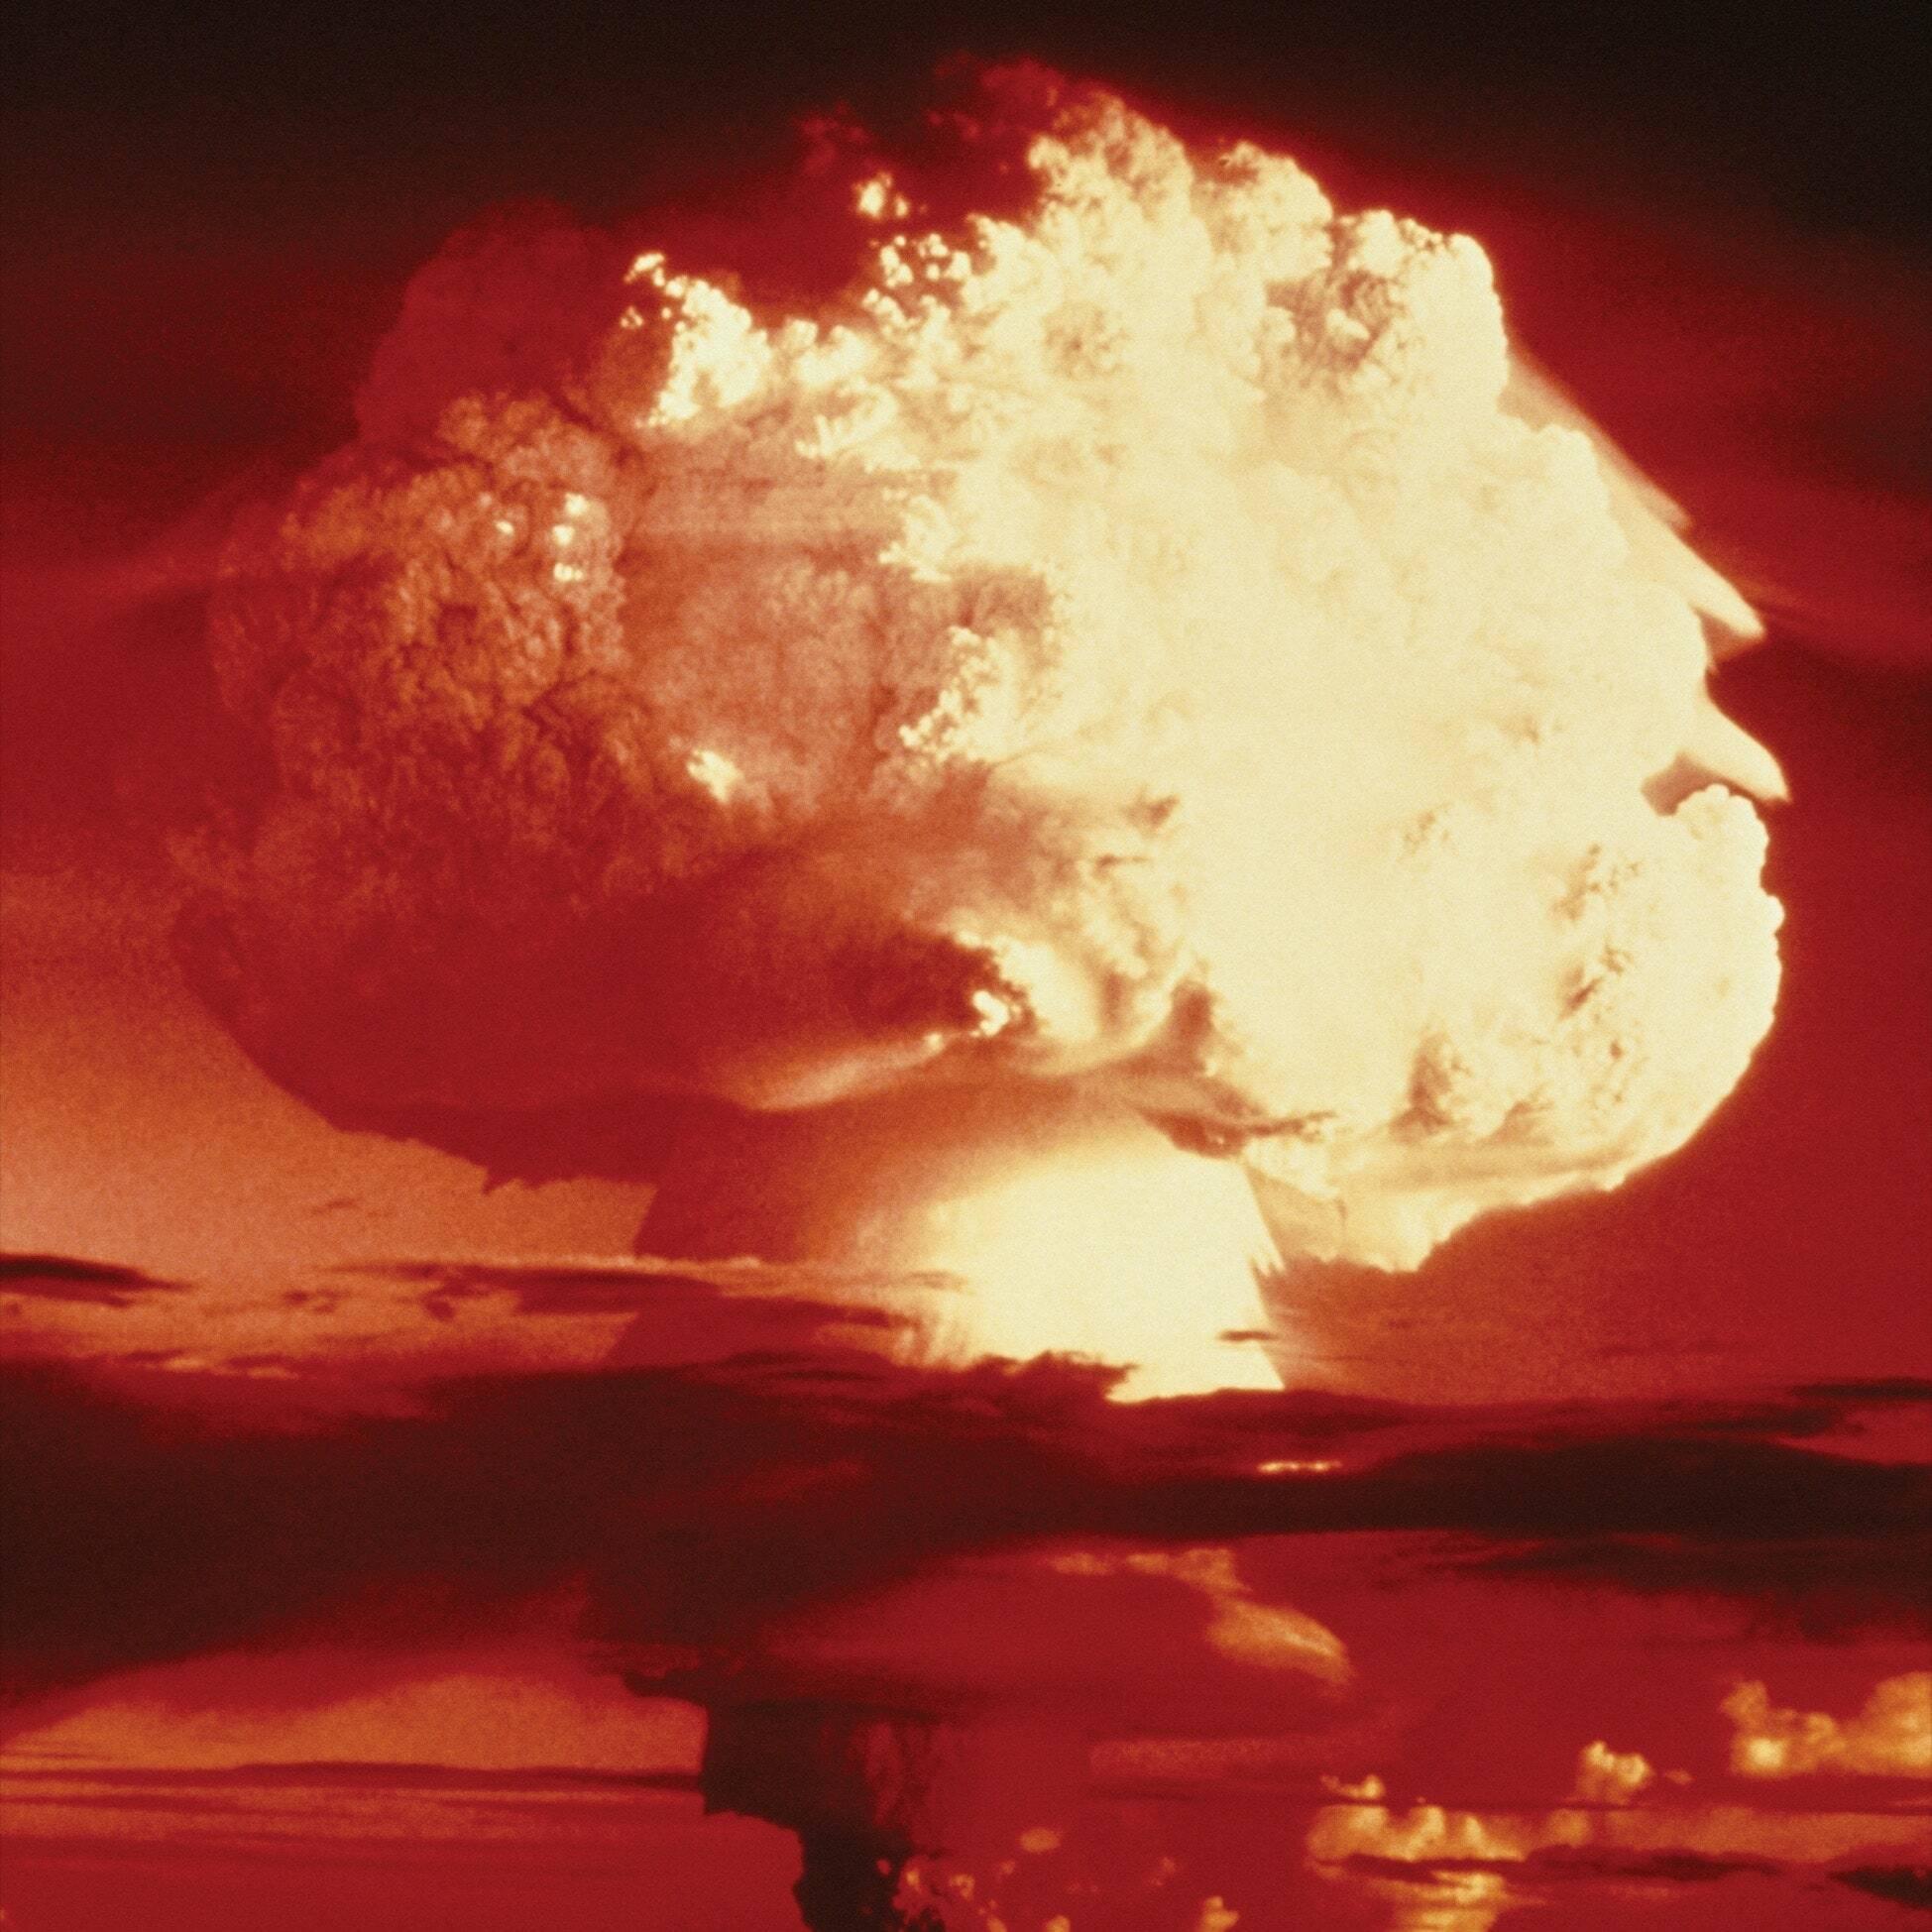 Учёные предсказали последствия ядерной войны для Земли